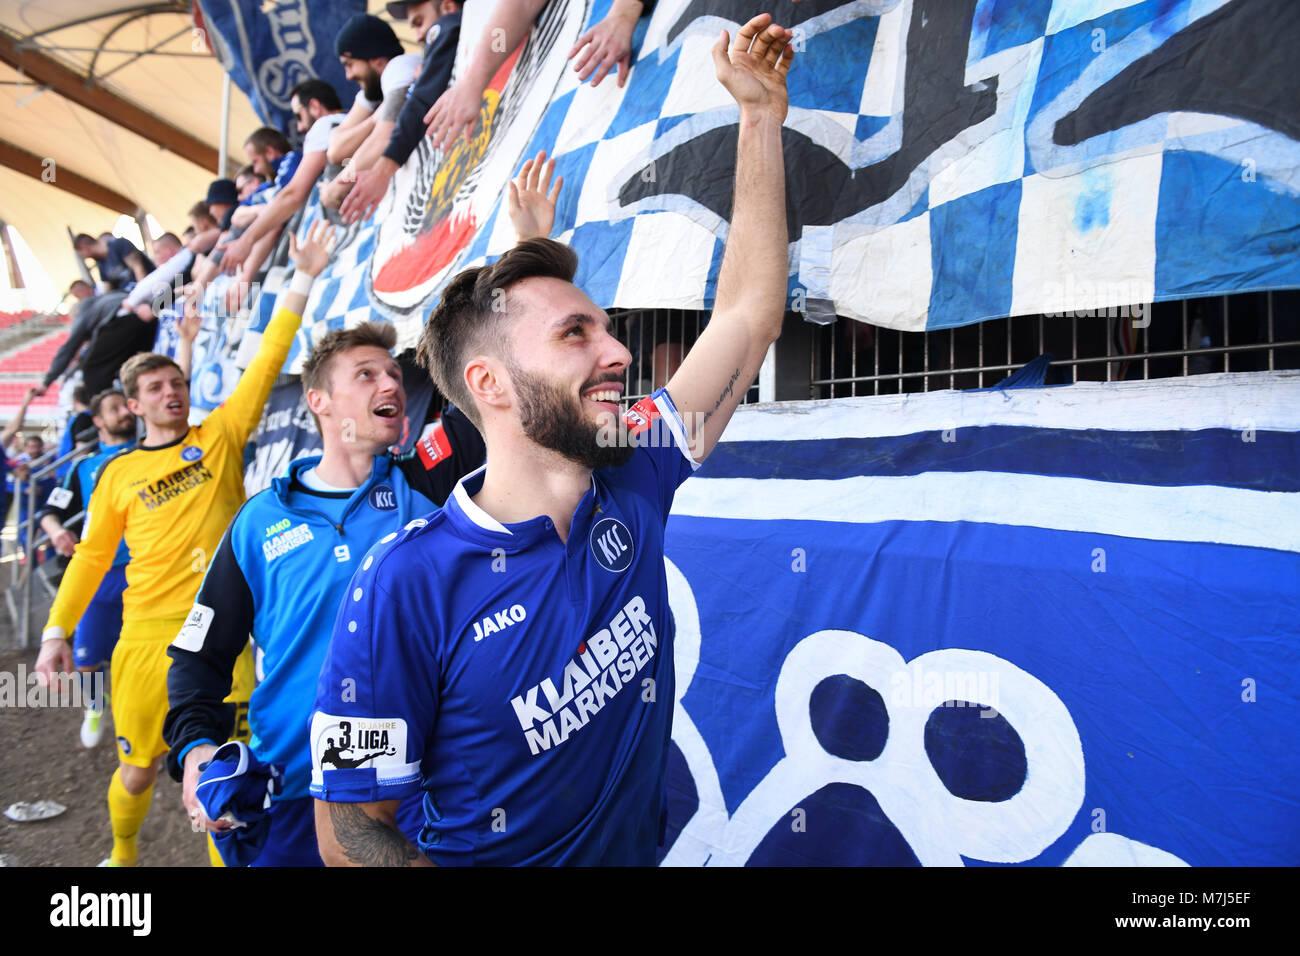 Spieler des KSC after dem Spiel bei den Fans: Fabian Schleusener (KSC).  GES/ Fussball/ 3. Liga: RW Erfurt - Karlsruher - Stock Image